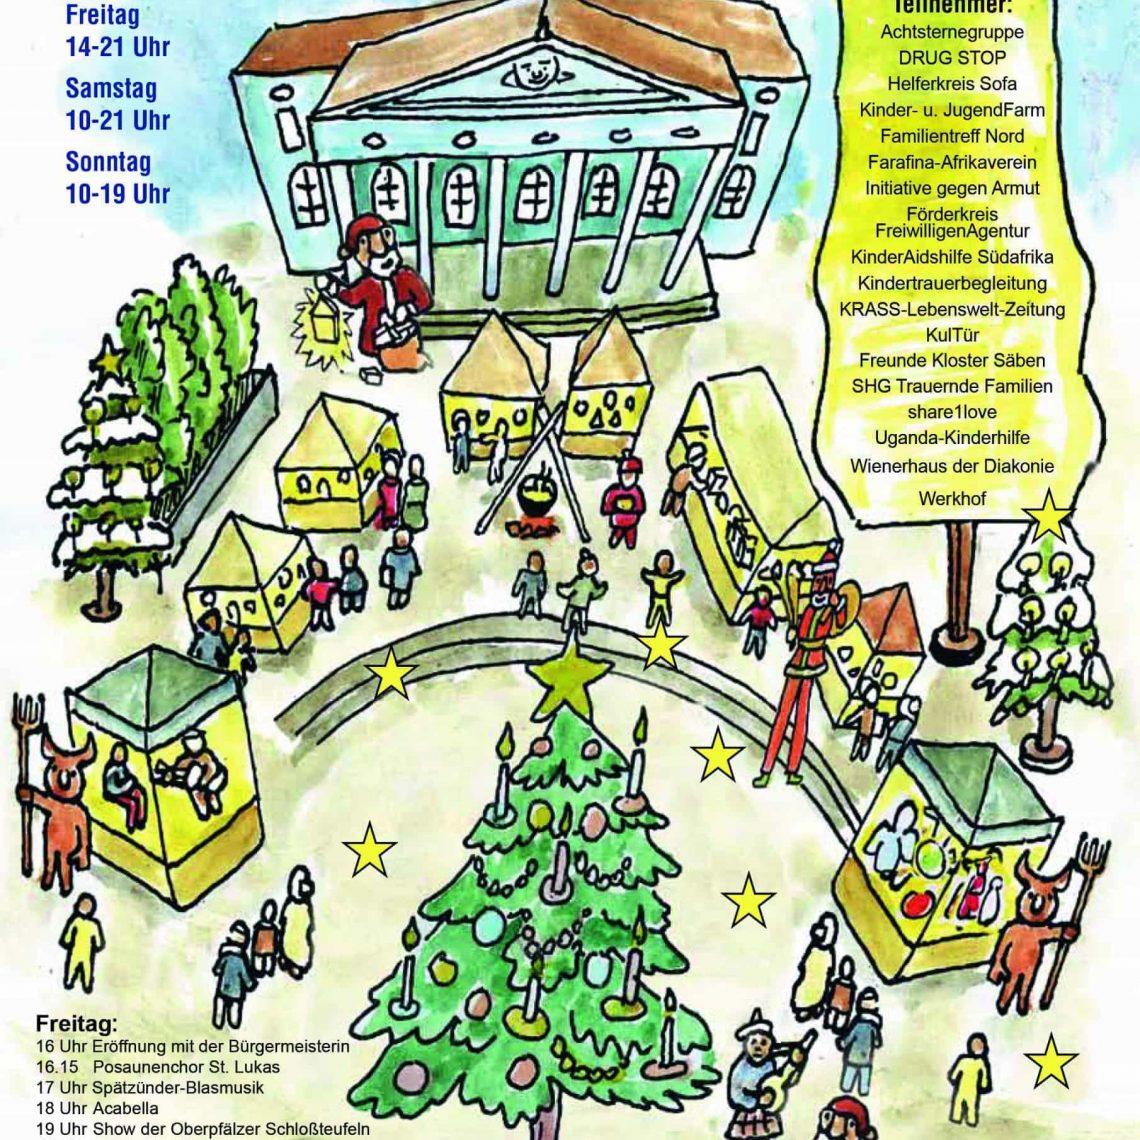 Weihnachtsmarkt der Sozialen Initiativen 6. bis 8.12.: Advent am Bismarckplatz